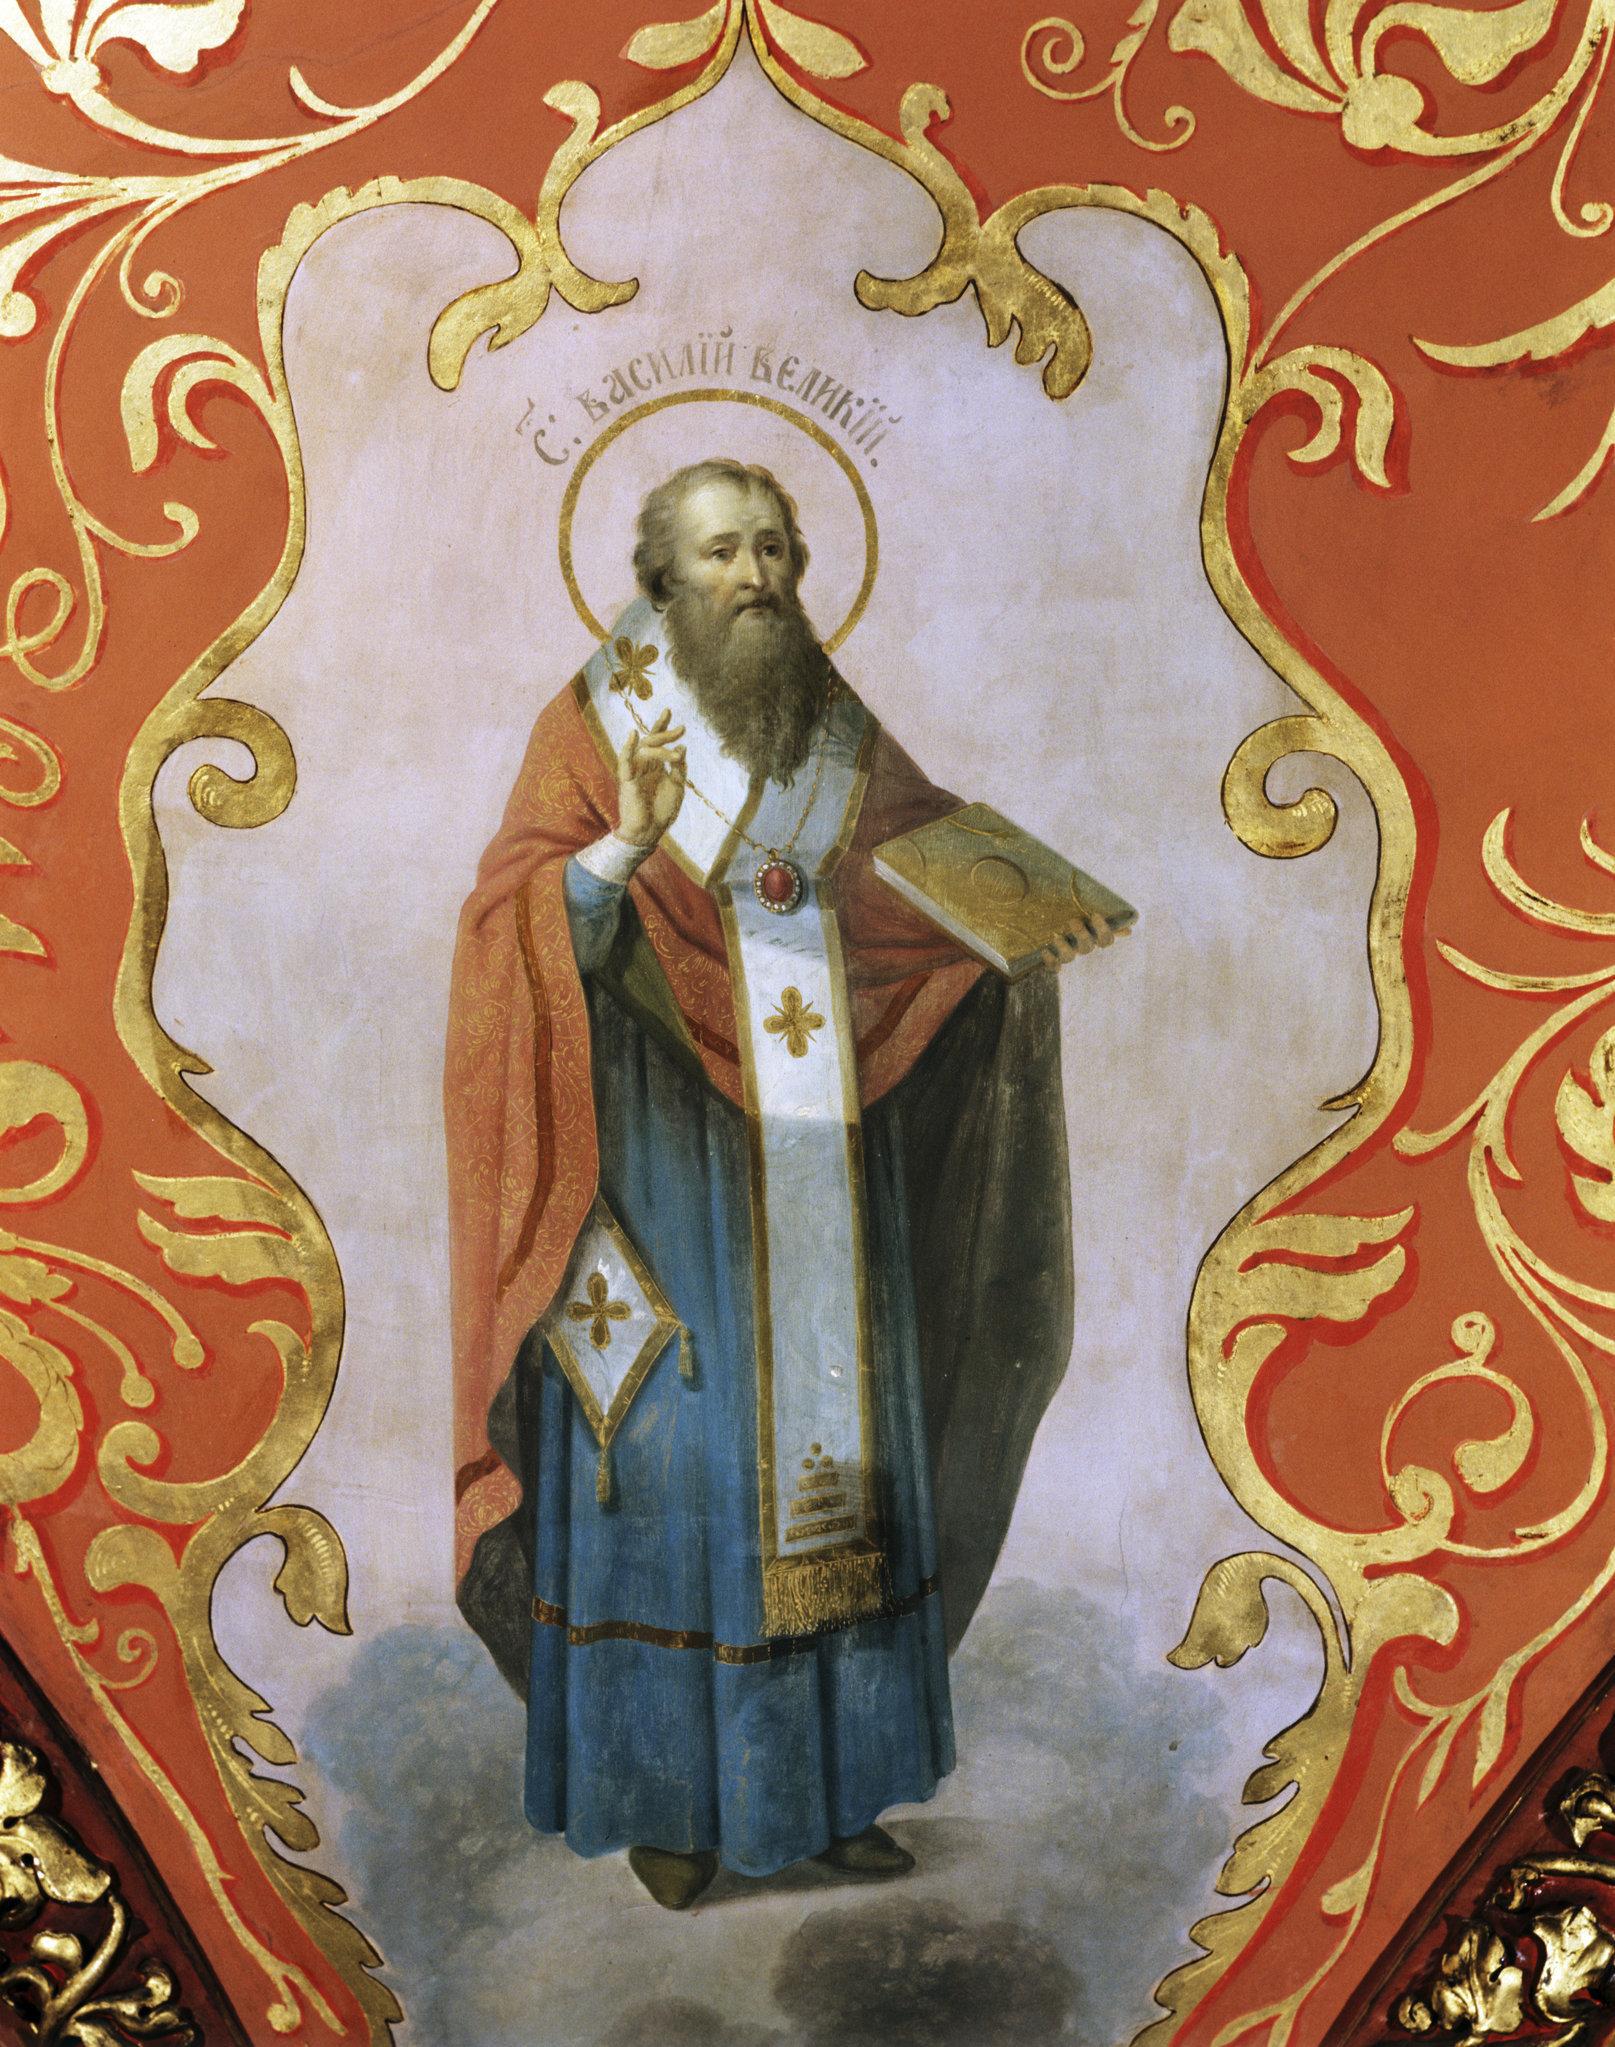 Святой Василий Великий. Потолочная фреска Тронного зала Теремного дворца Московского Кремля